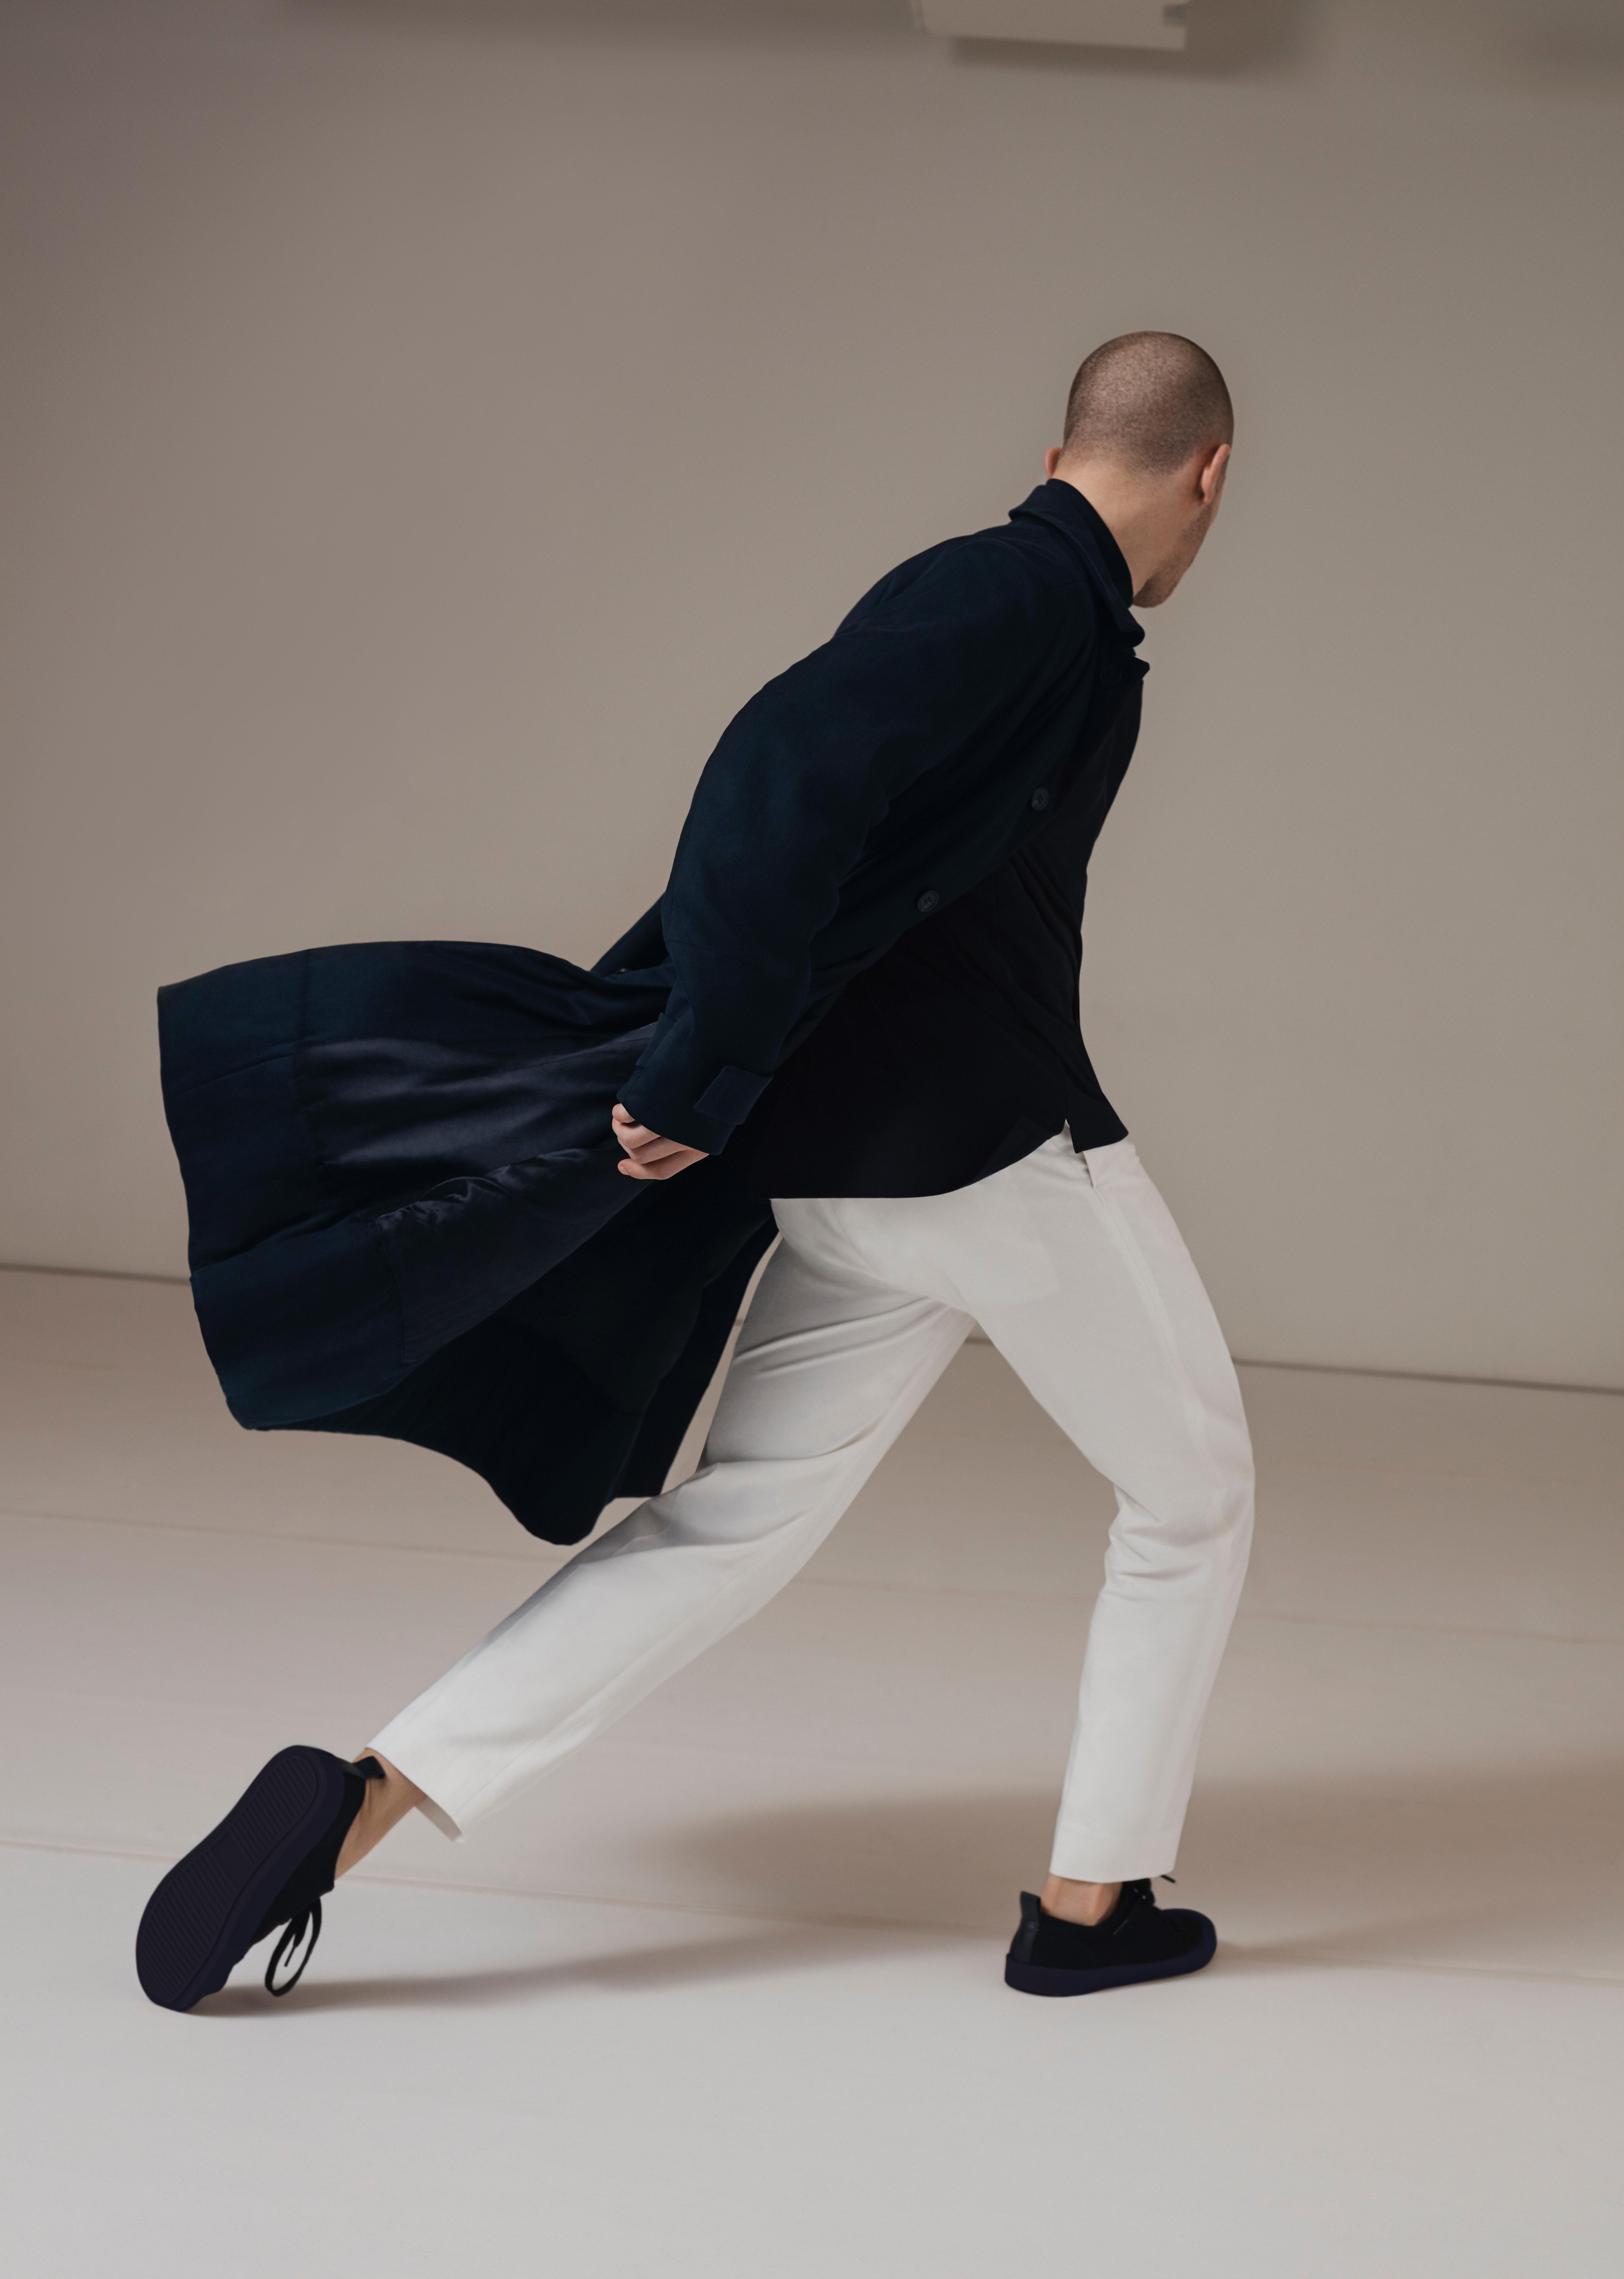 Cos blir den første fast fashion-kjeden som får vise under den italienske motemessen Pitti. Foto: Cos